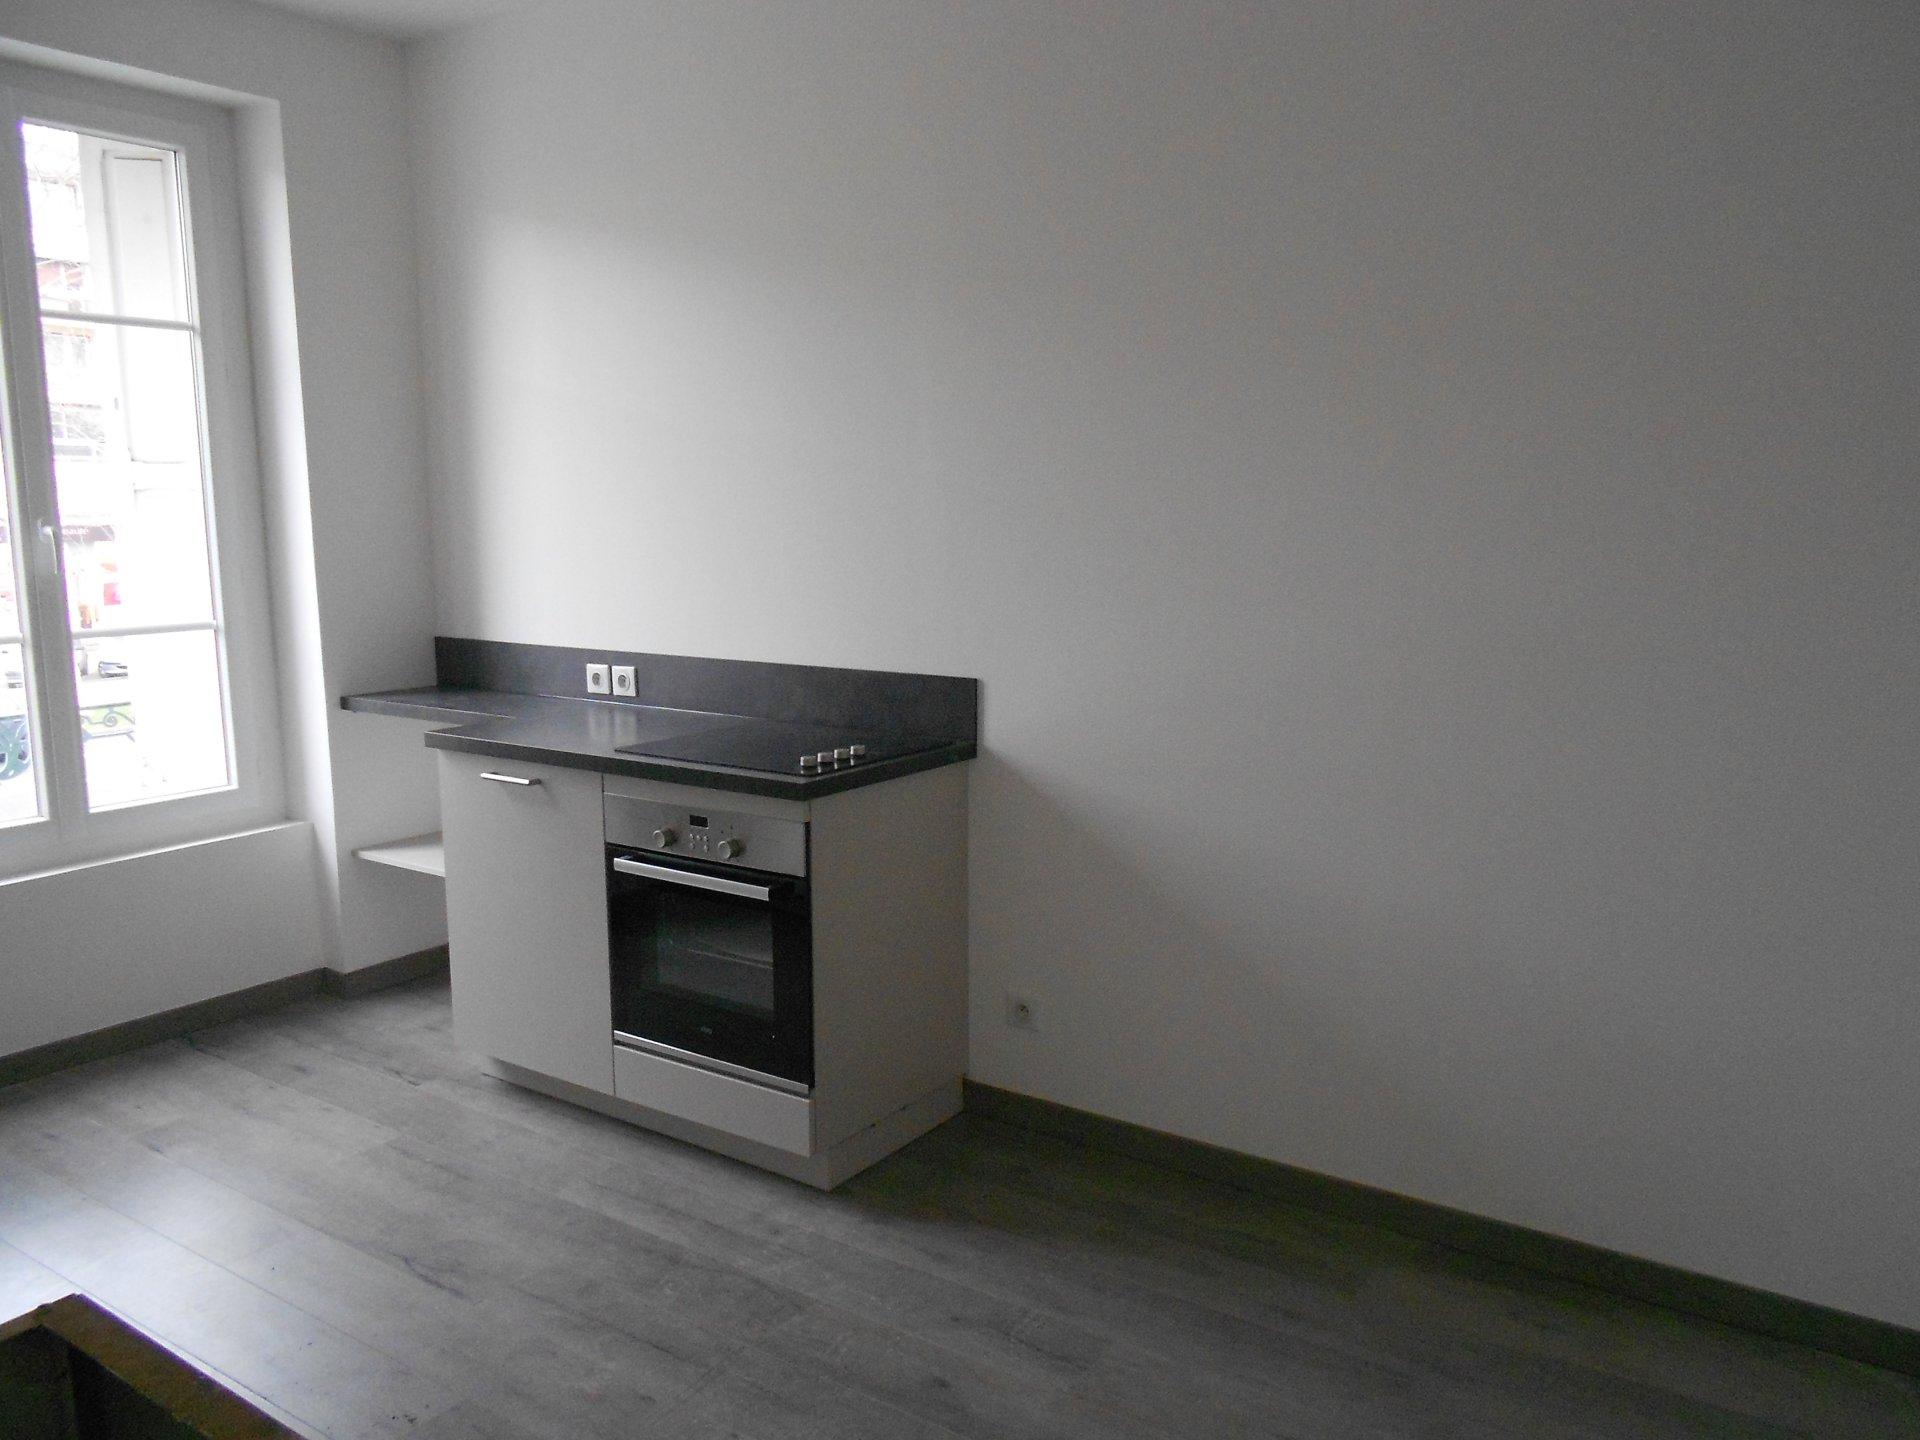 SAINT-ETIENNE - Appartement T2- idéal pour étudiant -Cours Fauriel